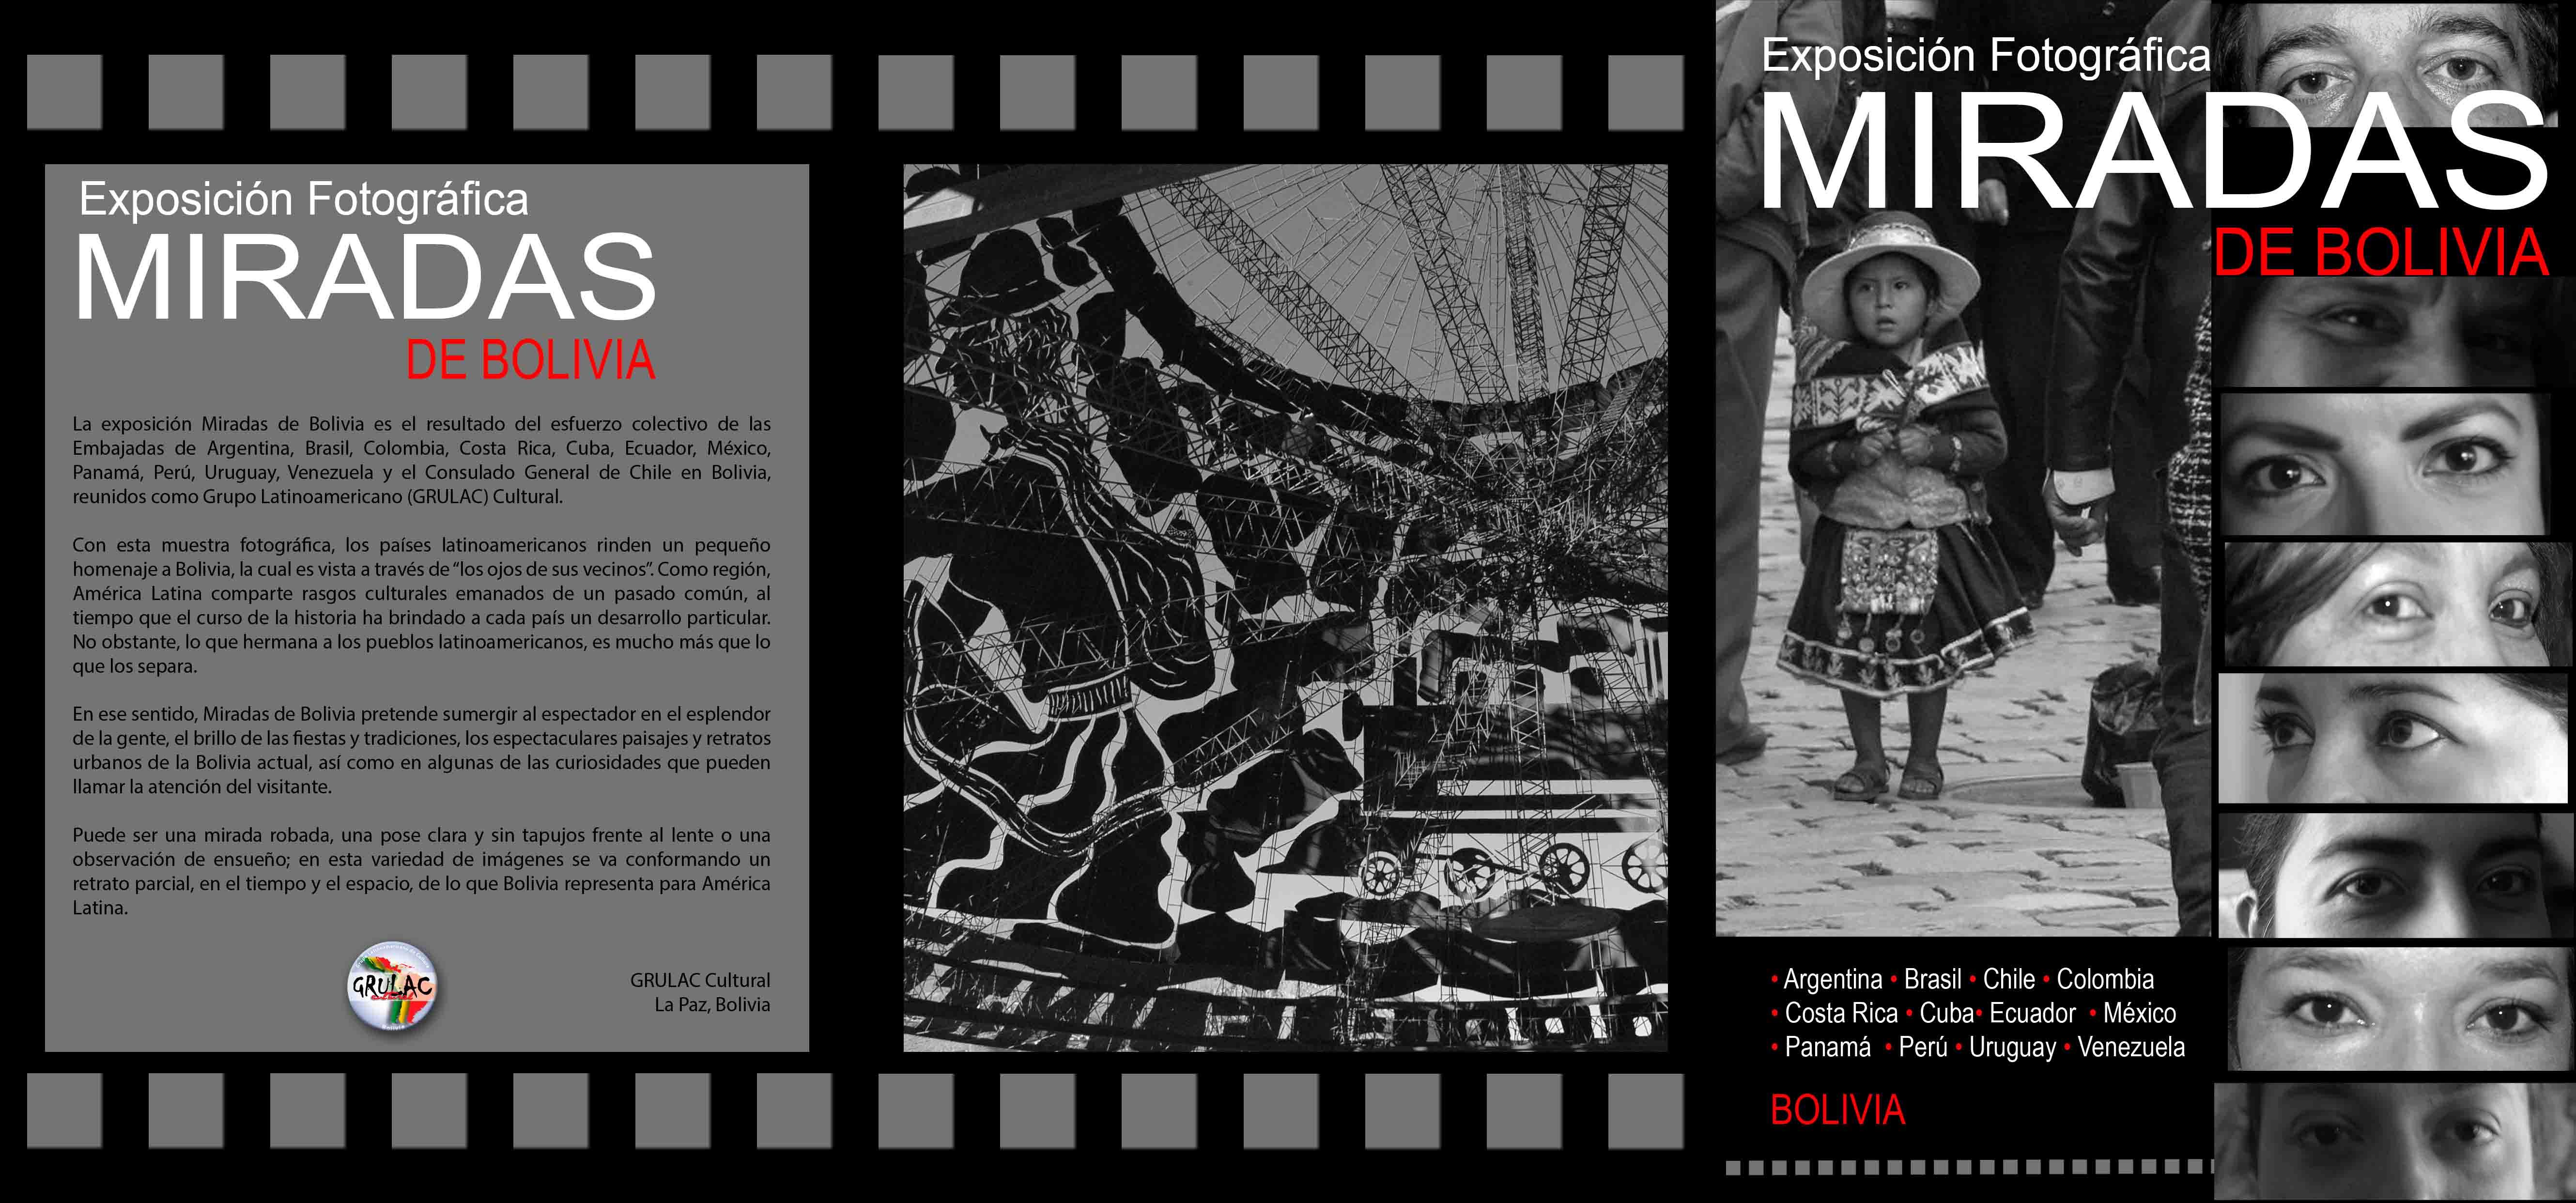 Se Inaugura El Viernes 24 De Abril En Centro Cultural Brasil Bolivia A Las 730 Pm